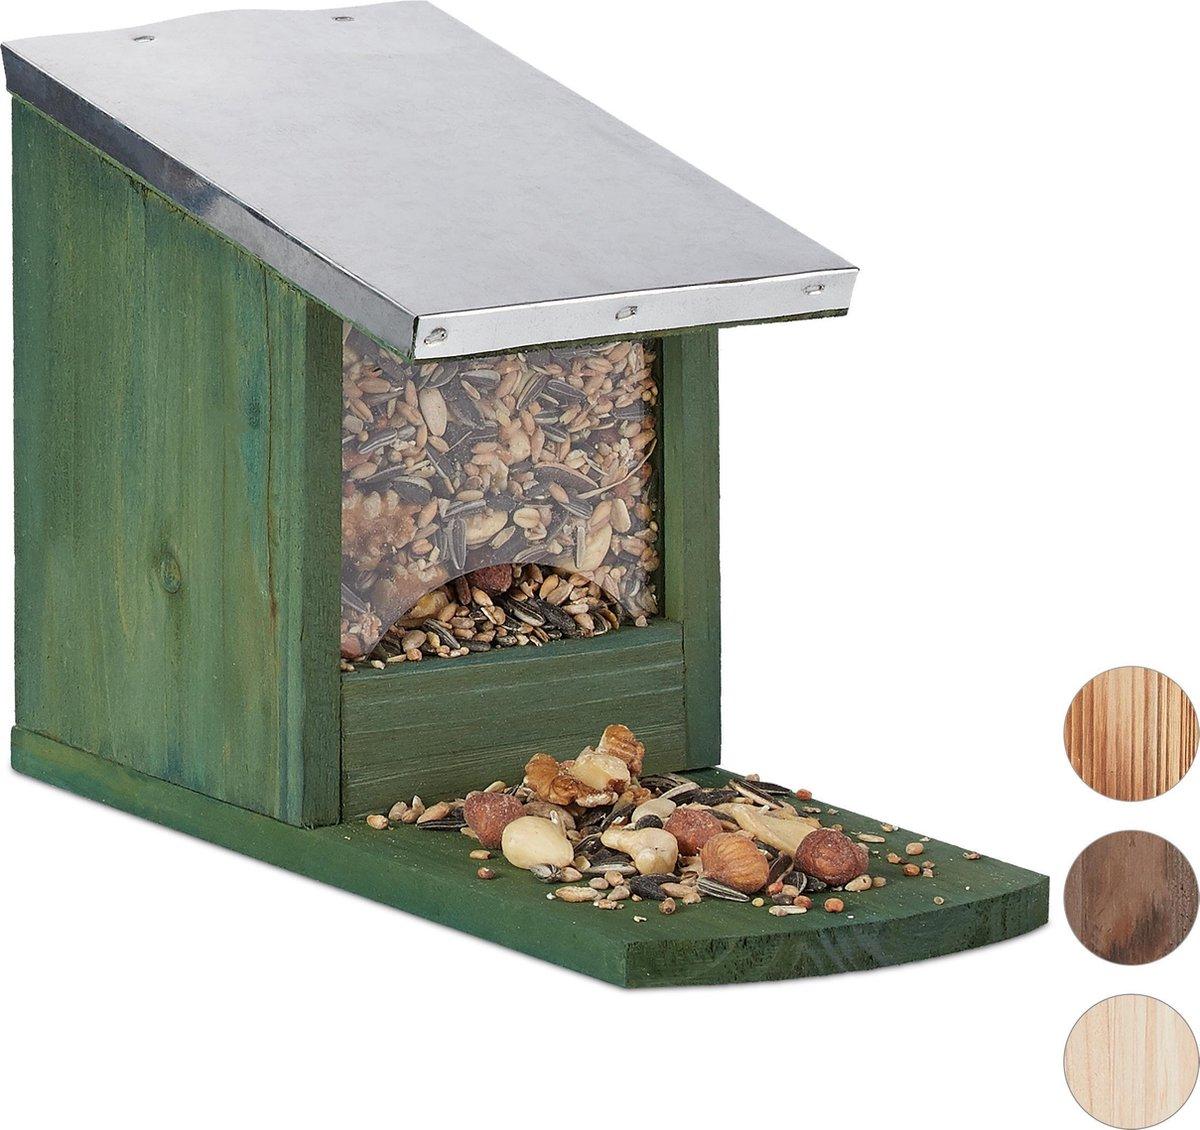 relaxdays eekhoorn voederhuisje - metalen dak - hout - voederhuis - voederkast donkergroen